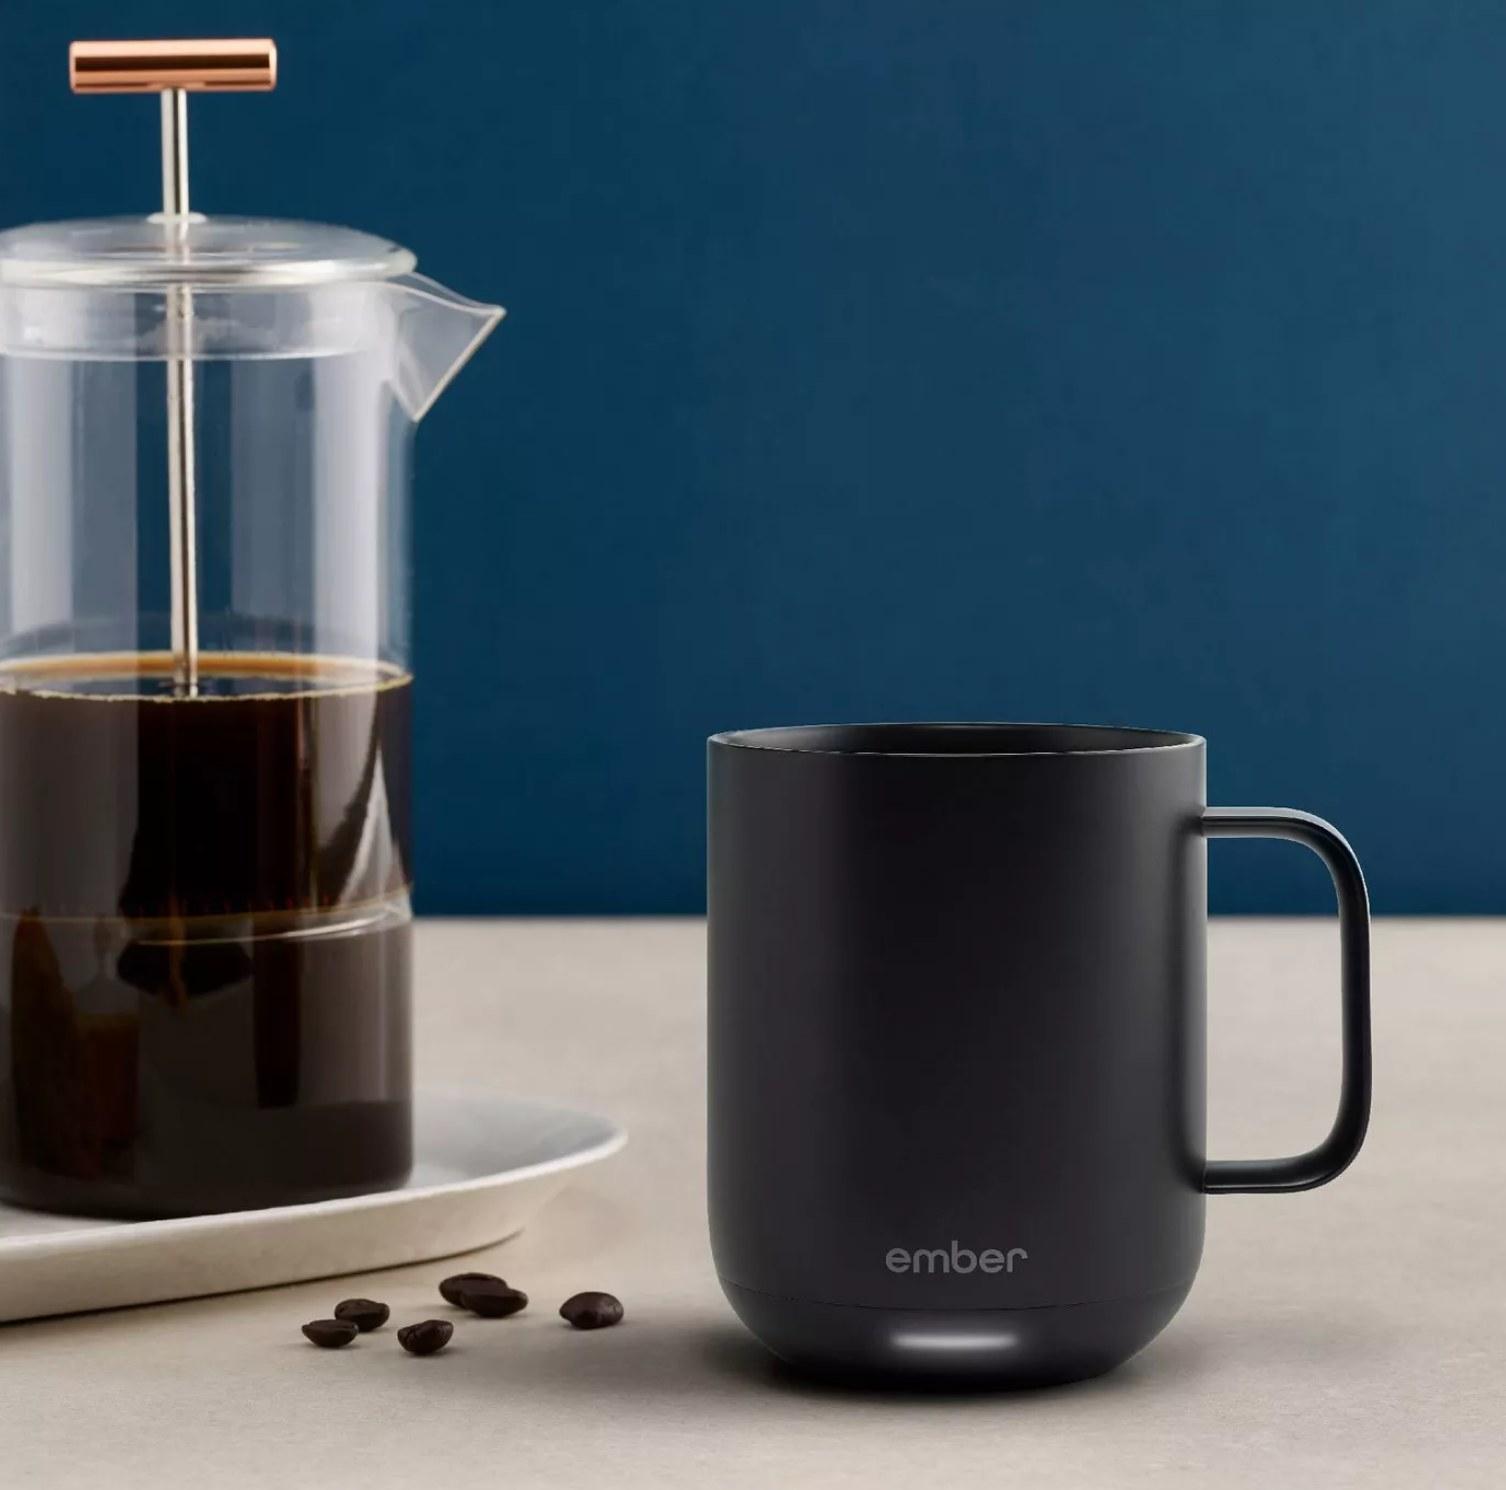 the black mug next to a coffee pot